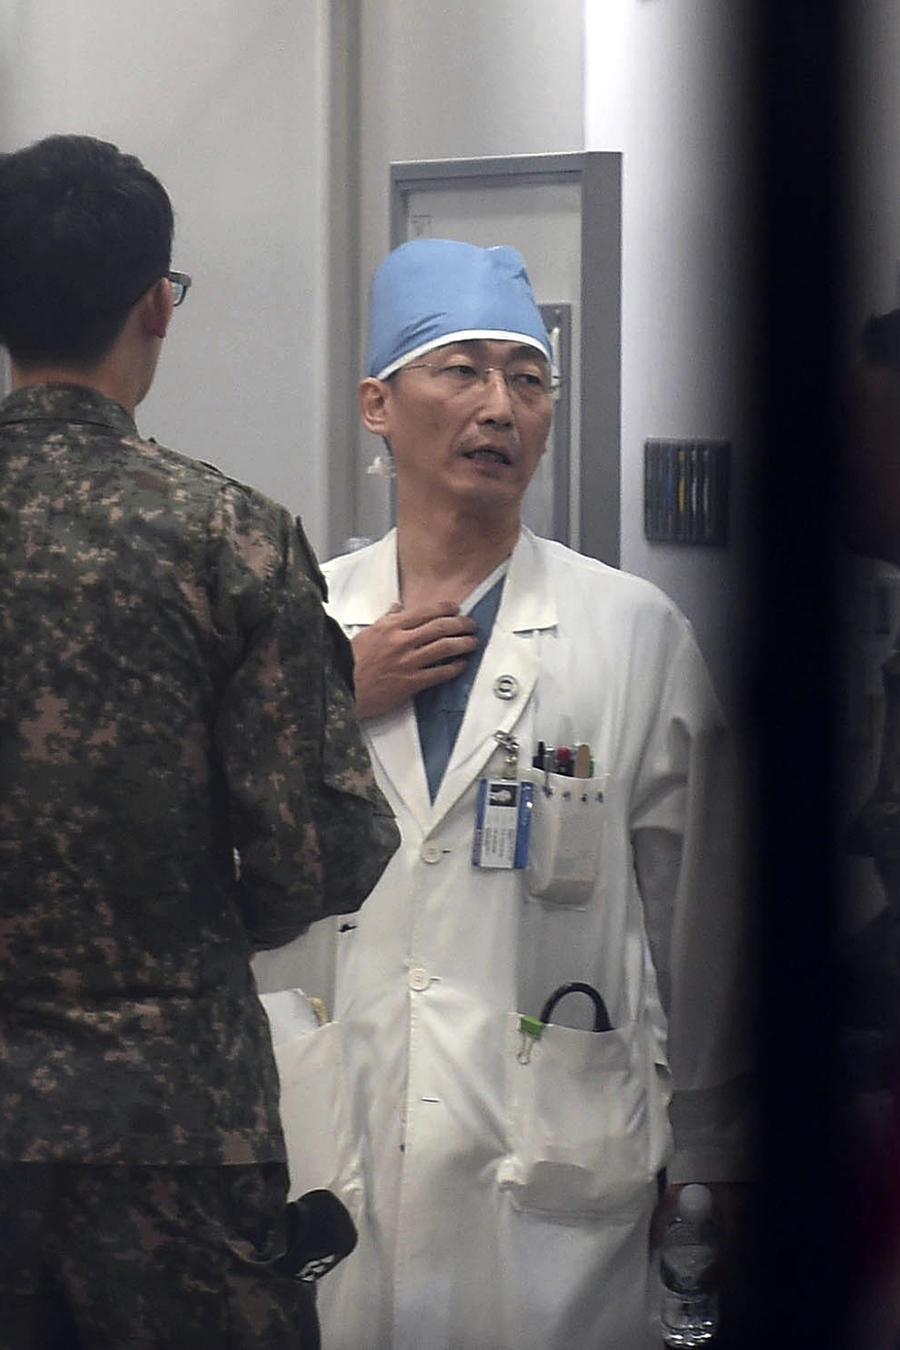 Soldados del ejército surcoreano hablan con un médico mientras se prepara para tratar a una persona no identificada, no vista, que se cree es un soldado norcoreano, en un hospital en Suwon, Corea del Sur, el lunes 13 de noviembre de 2017. Soldados norcore